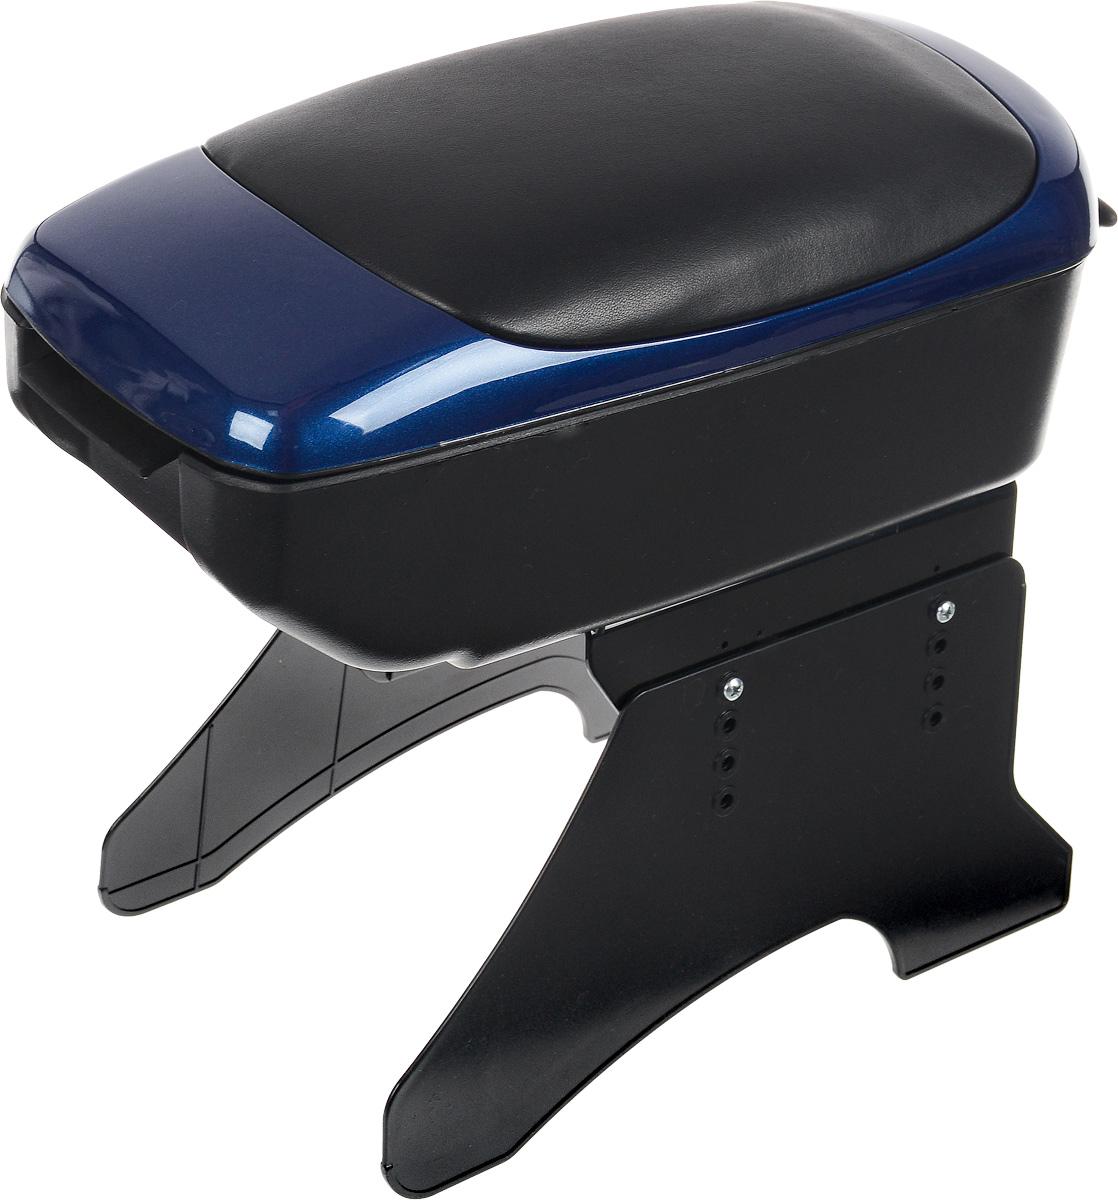 Подлокотник универсальный Azard, цвет: синий, черныйbar00094Универсальный подлокотник Azard изготовлен из прочного пластика и снабжен мягкой вставкой из искусственной кожи. Практичный подлокотник оснащен просторным отсеком. Также имеется небольшая секция для мелочей. Закрывается на замок. Откидывающаяся крышка мягкая и прочная, она послужит удобной опорой для руки при вождении автомобиля. Подлокотник легко и быстро крепится между передними сиденьями автомобиля при помощи пластиковых ножек (крепеж входит в комплект). Подлокотник отлично вписывается в общую концепцию автомобиля, обеспечивая эргономичное использование пространства. Легко очищается мягкой тканью. Установка подлокотника не требует специальных навыков или инструментов и займет не более 10 минут. Установка подлокотника не снижает уровень безопасности автомобиля, не мешает креплению ремней безопасности, а также обеспечивает свободный доступ к рычагу стояночного тормоза. Модель соответствует стандарту ЕЭК ООН.